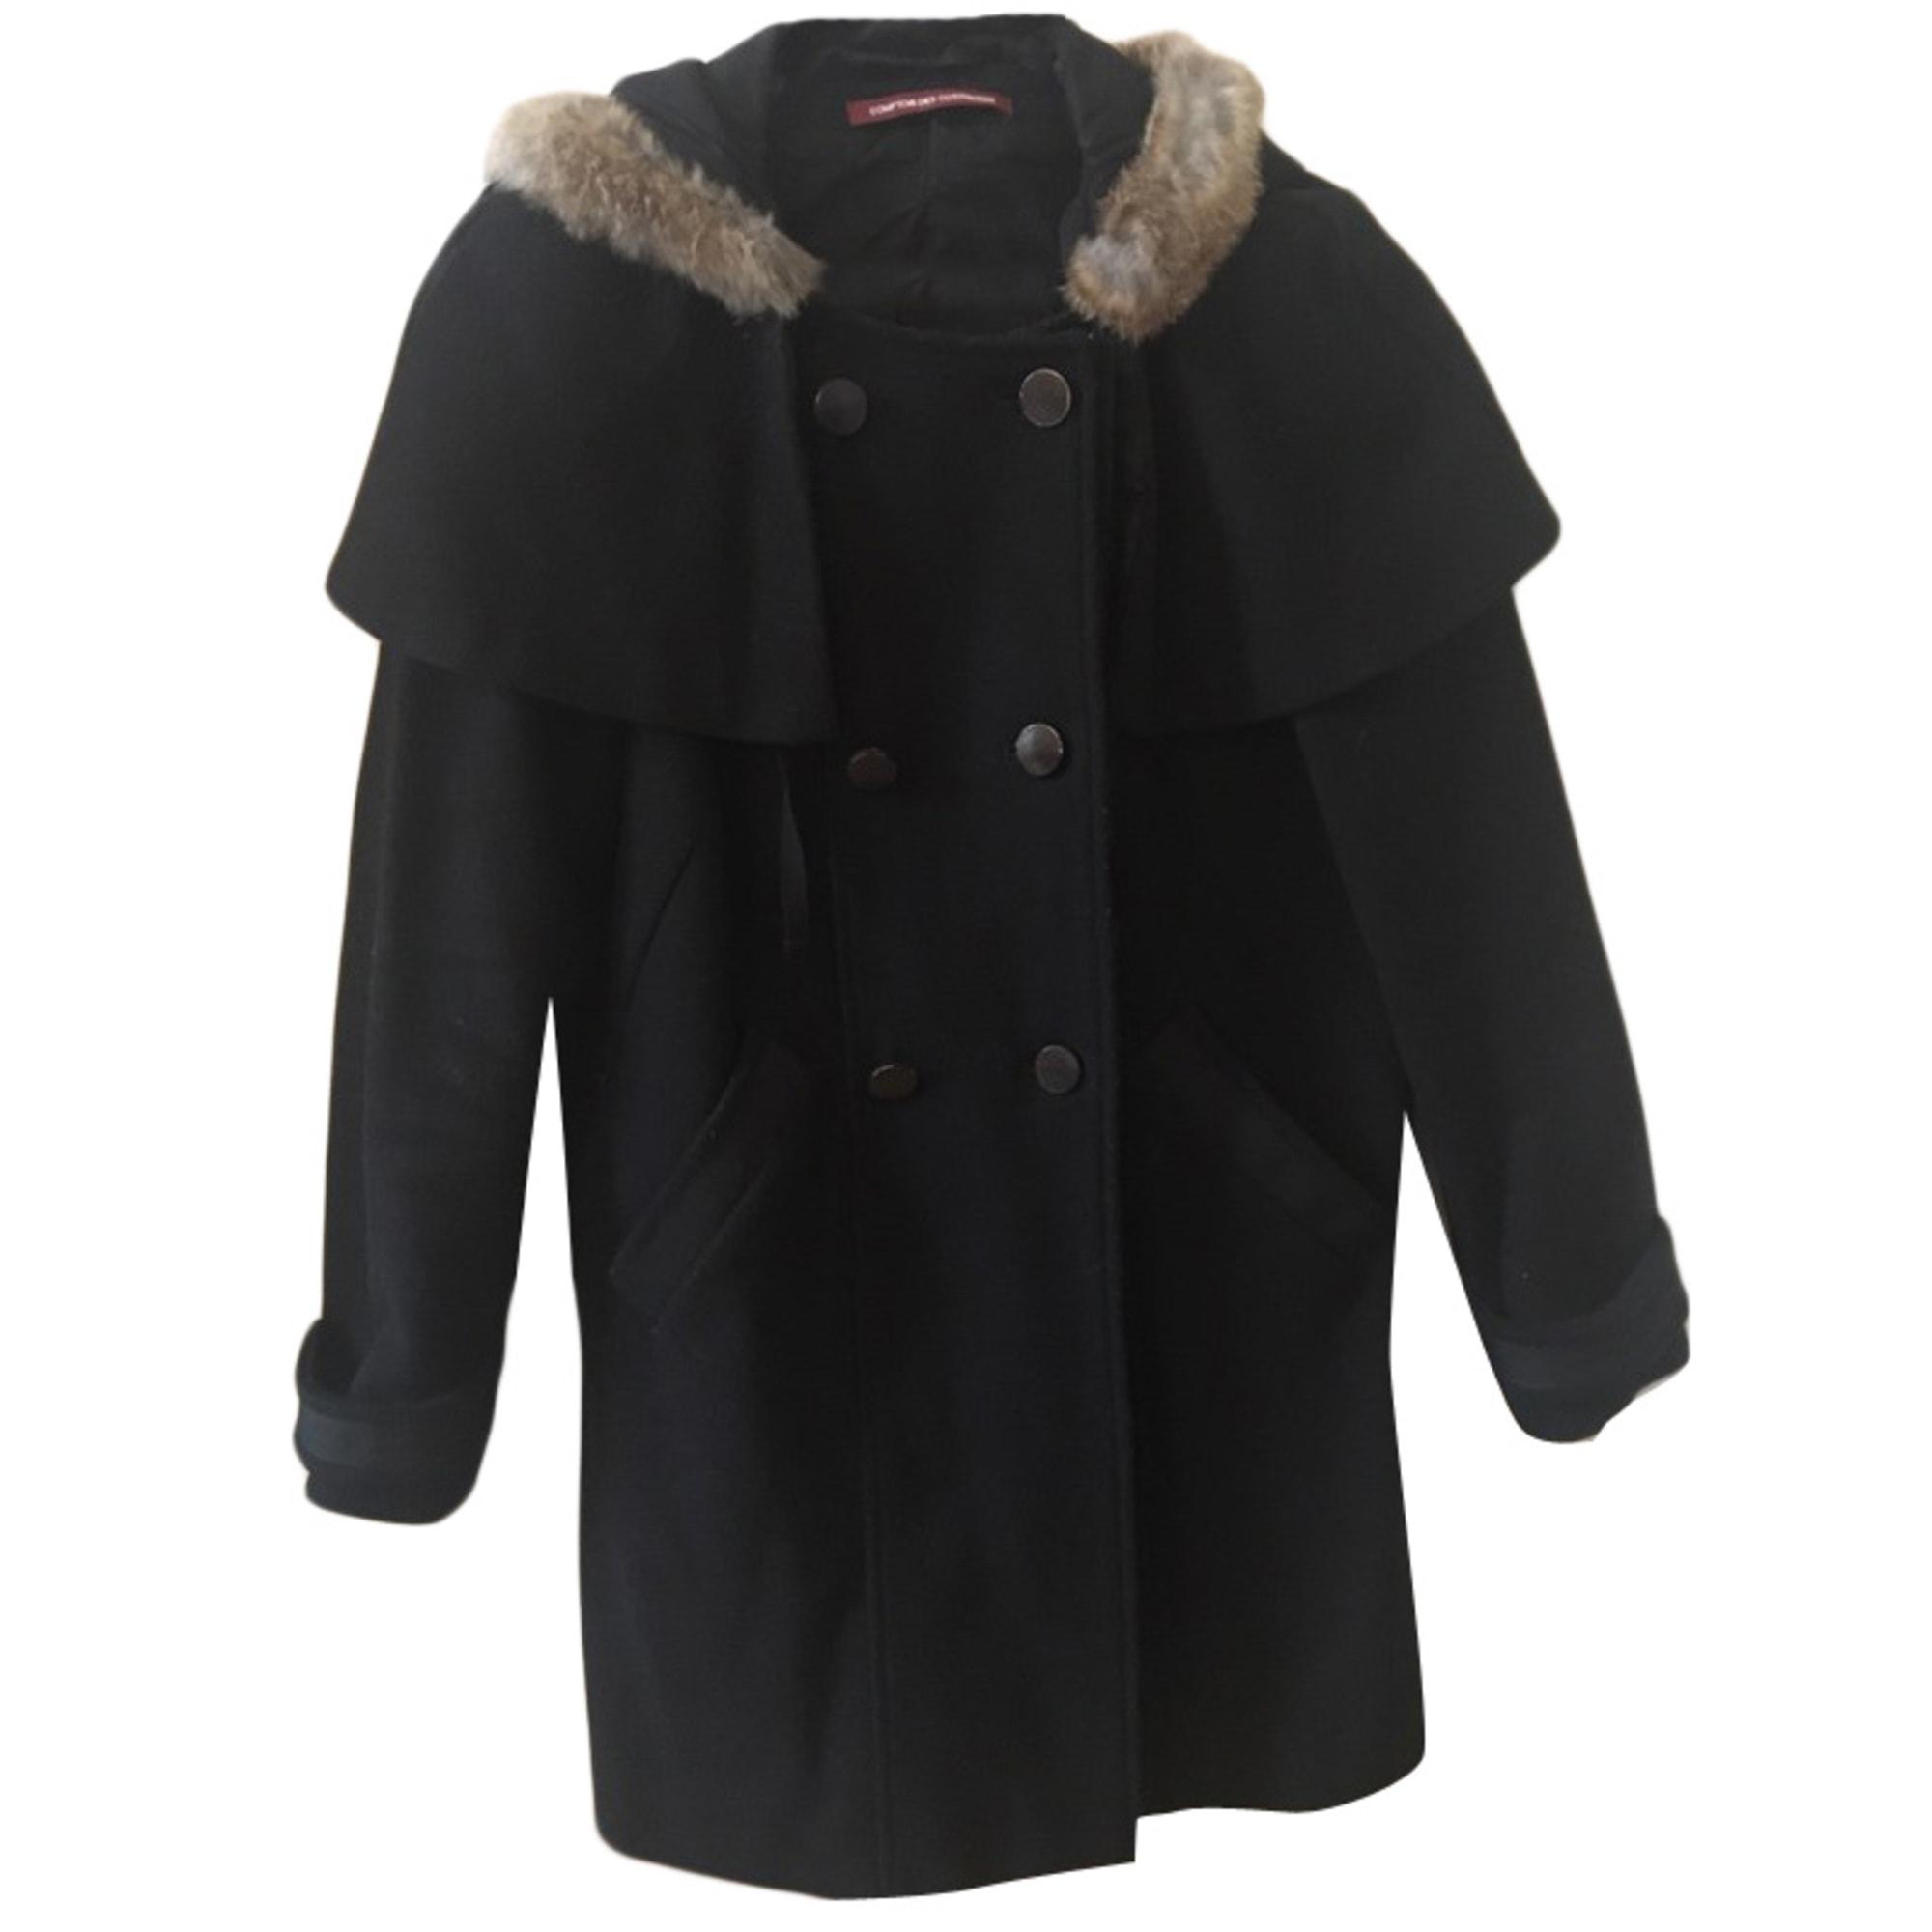 Coat COMPTOIR DES COTONNIERS Black